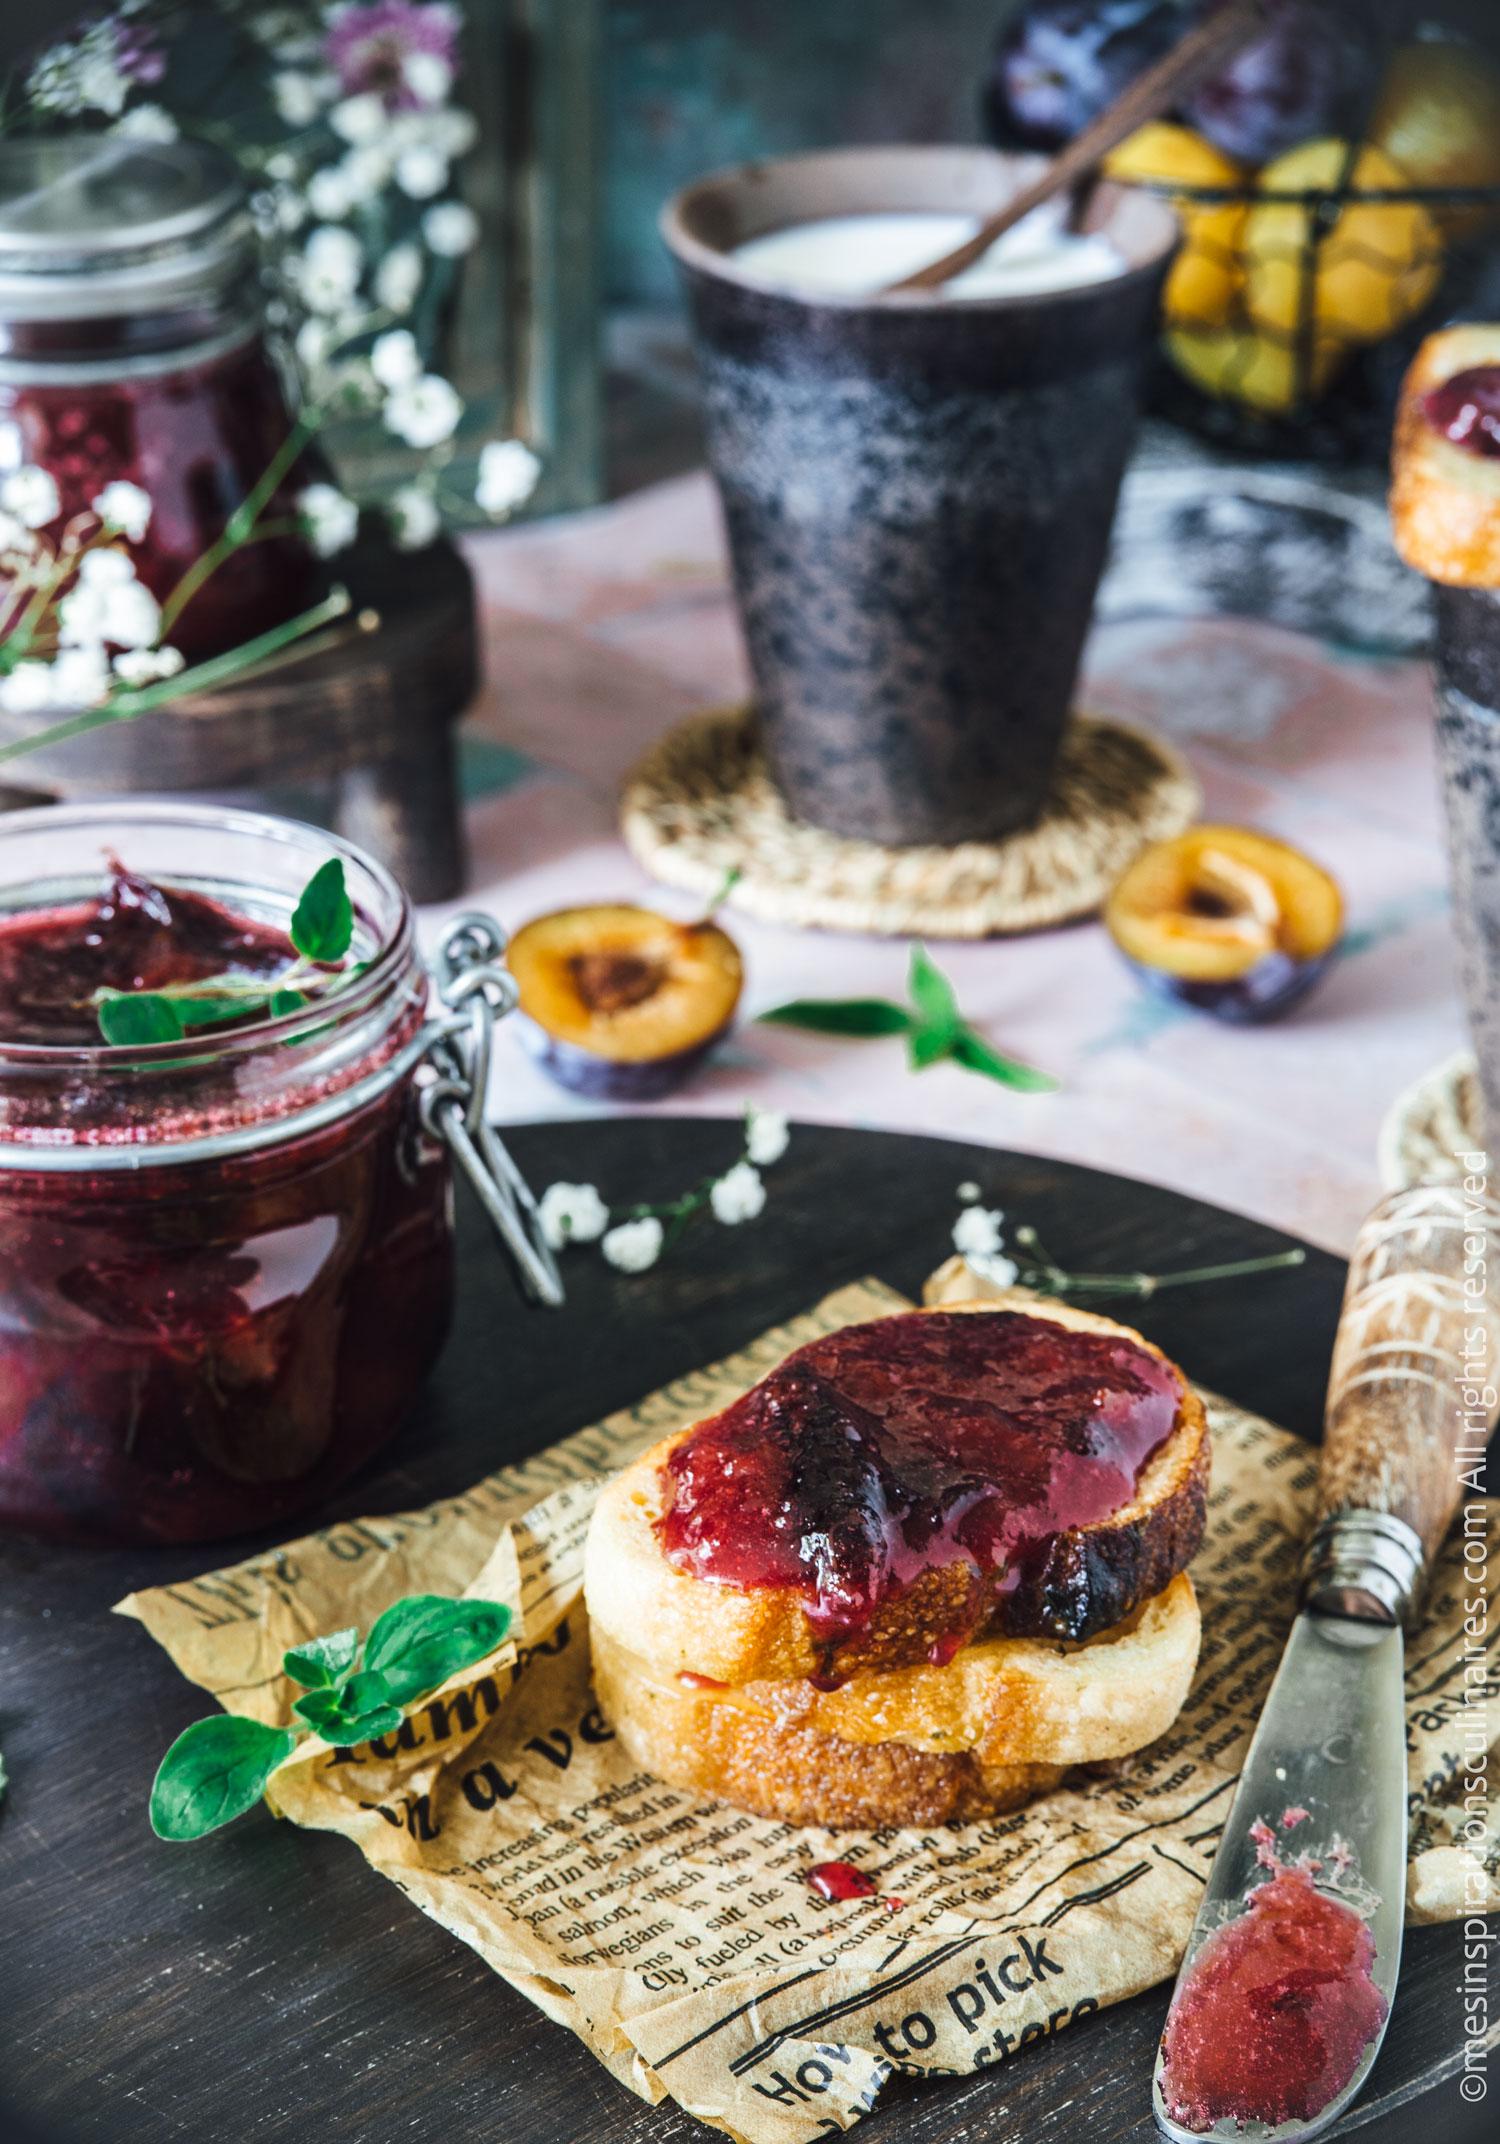 Confiture de prunes rouge, recette maison